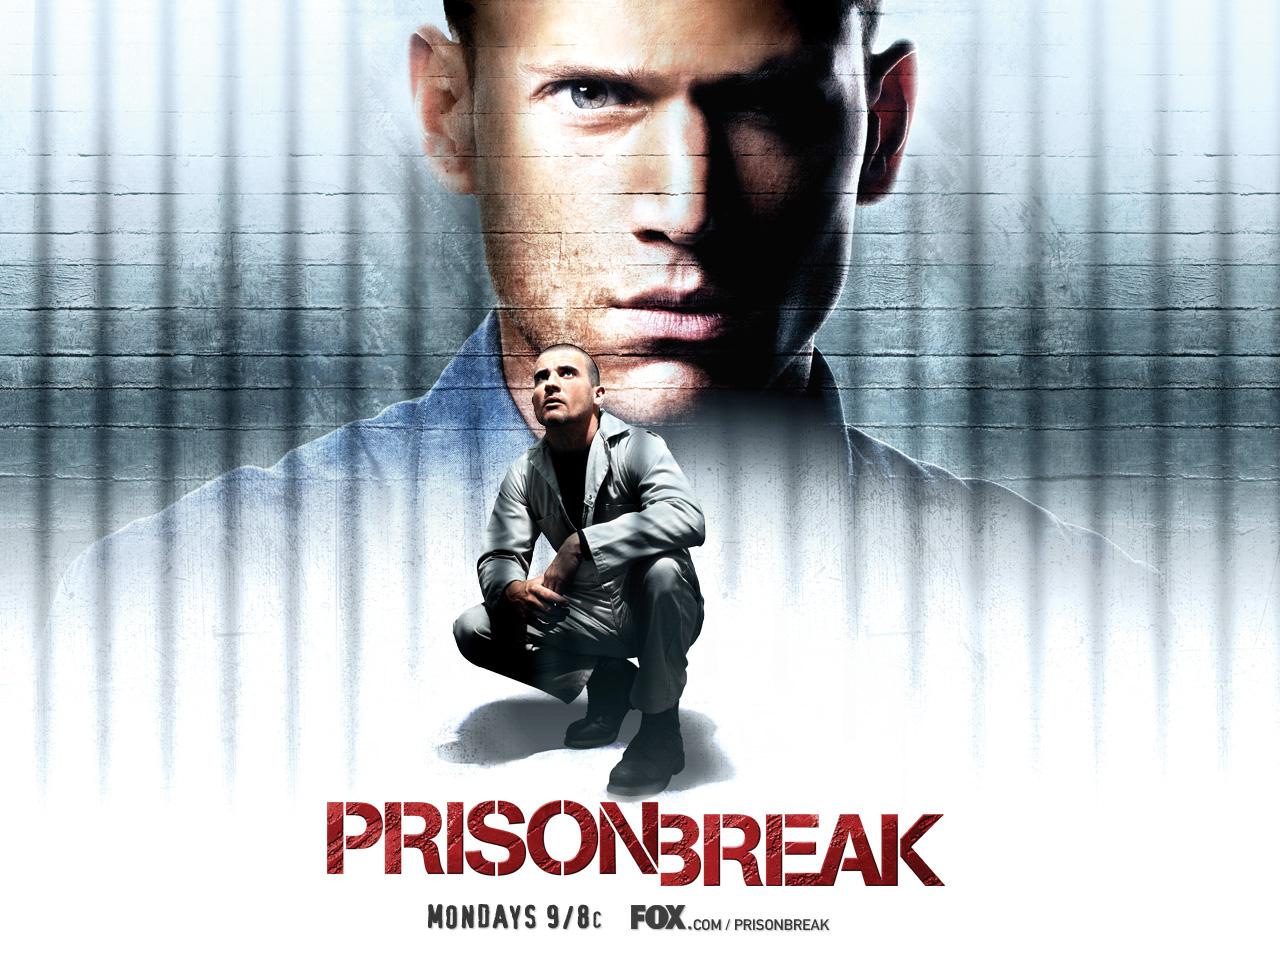 Prison Break   Prison Break Wallpaper 41361 1280x960